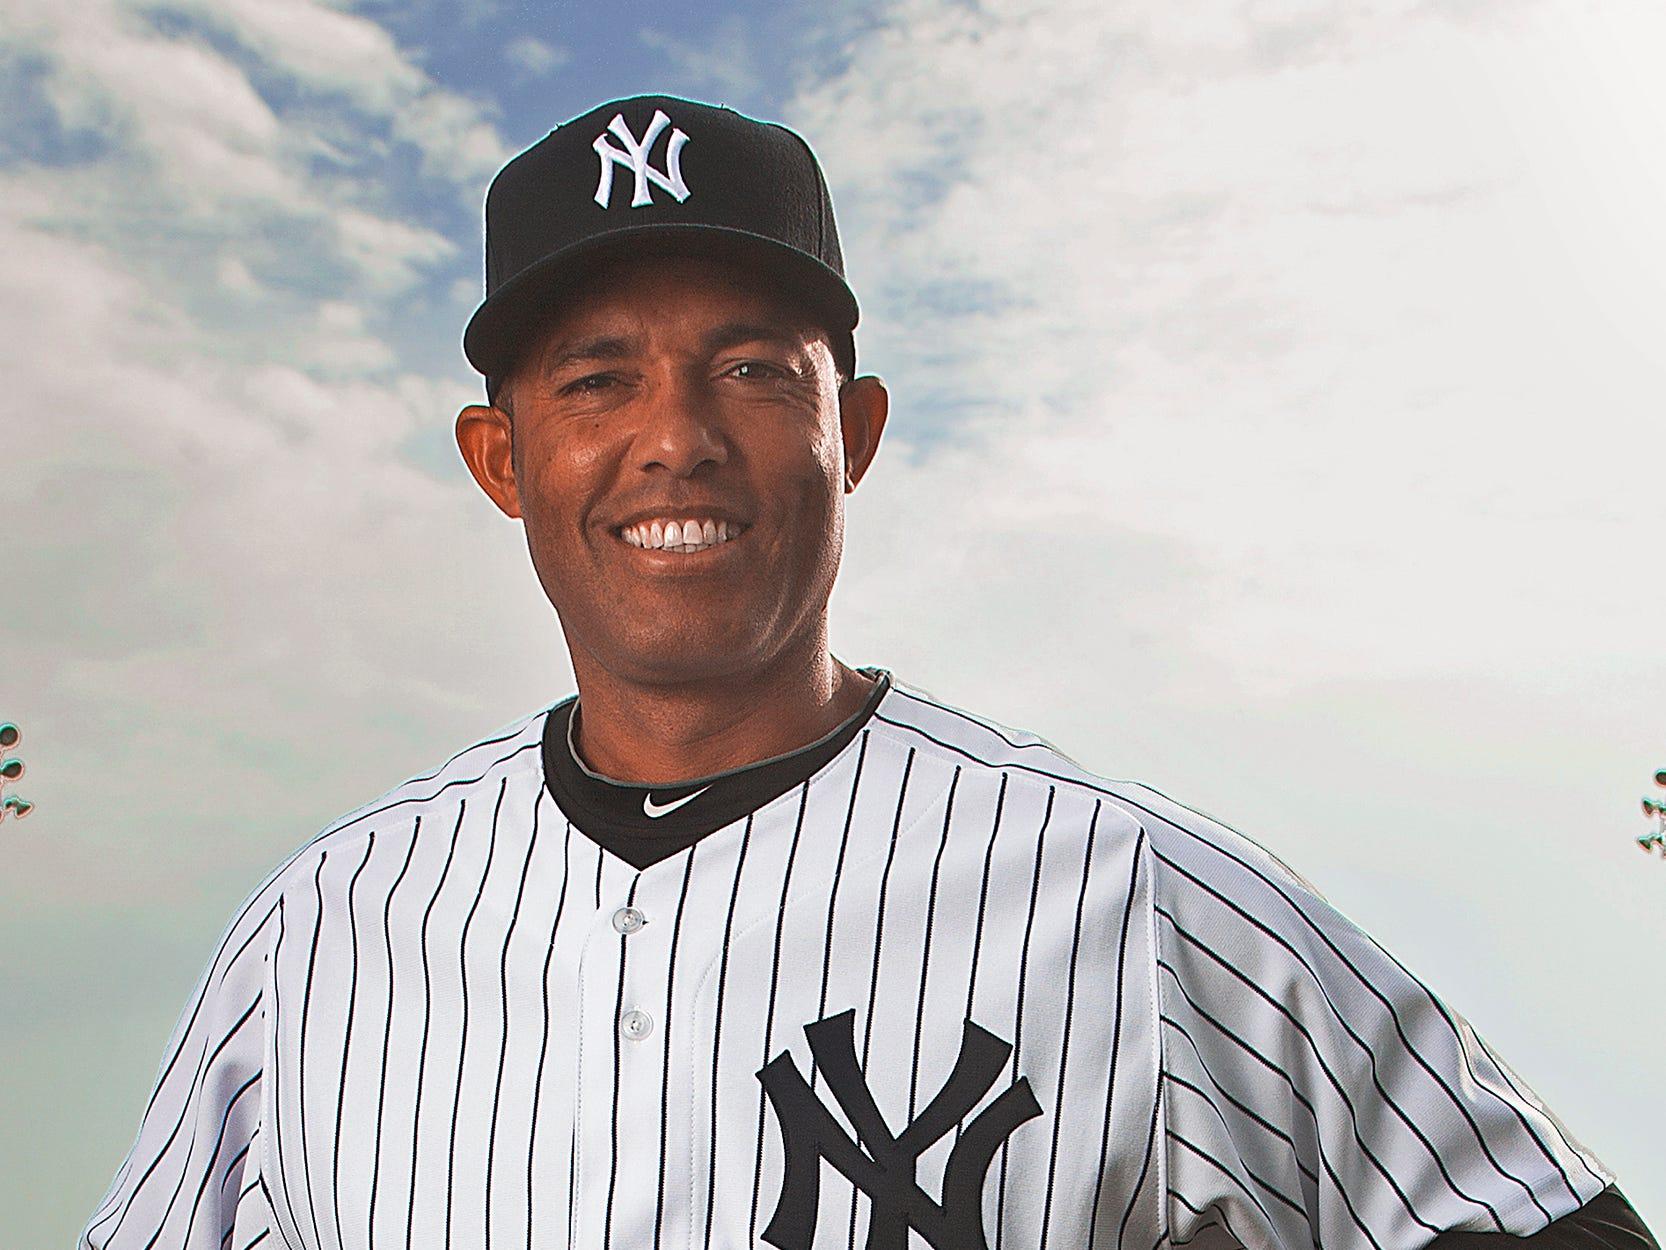 NY Yankees Spring Training 2012 -- Portraits of the NY Yankees taken at Photo Day.  Mariano Rivera.